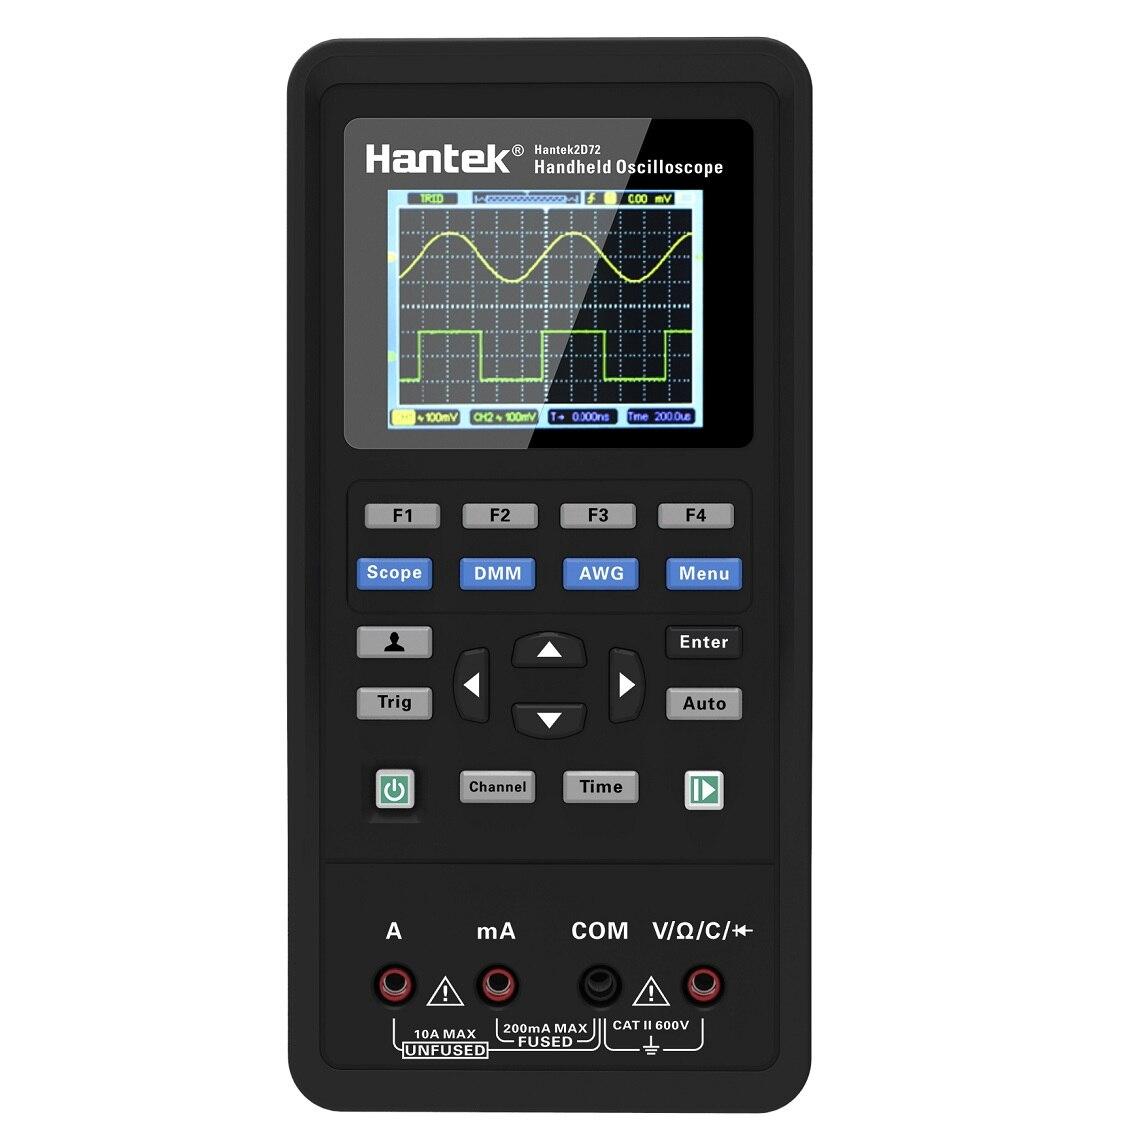 Цифровой осциллограф Hantek 3-в-1, портативный USB-мультиметр с 2-мя каналами + генератор сигналов 40 МГц 70 МГц с ЖК-дисплеем